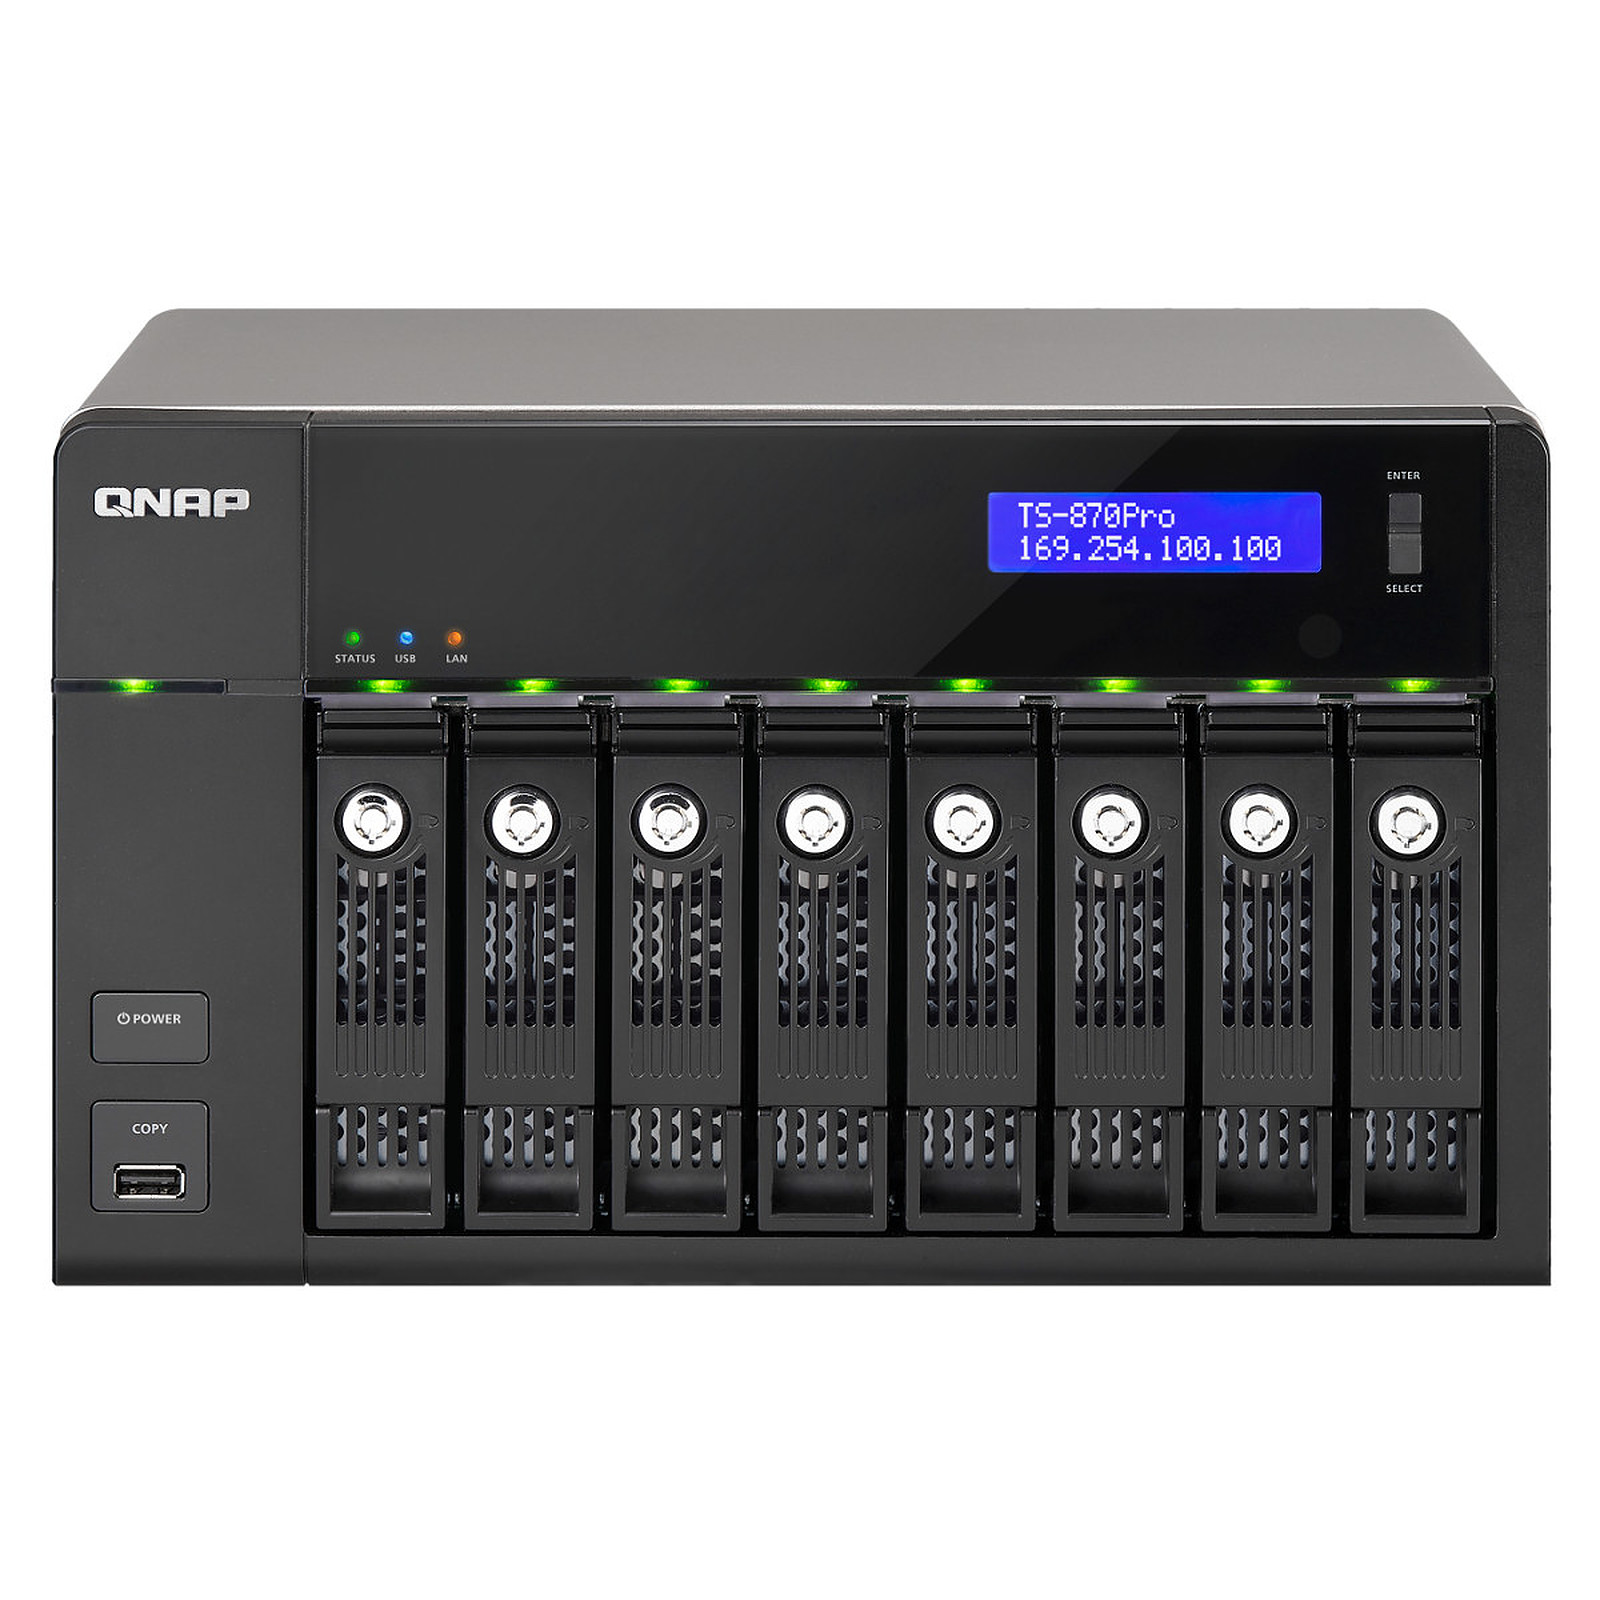 QNAP TS-870 PRO